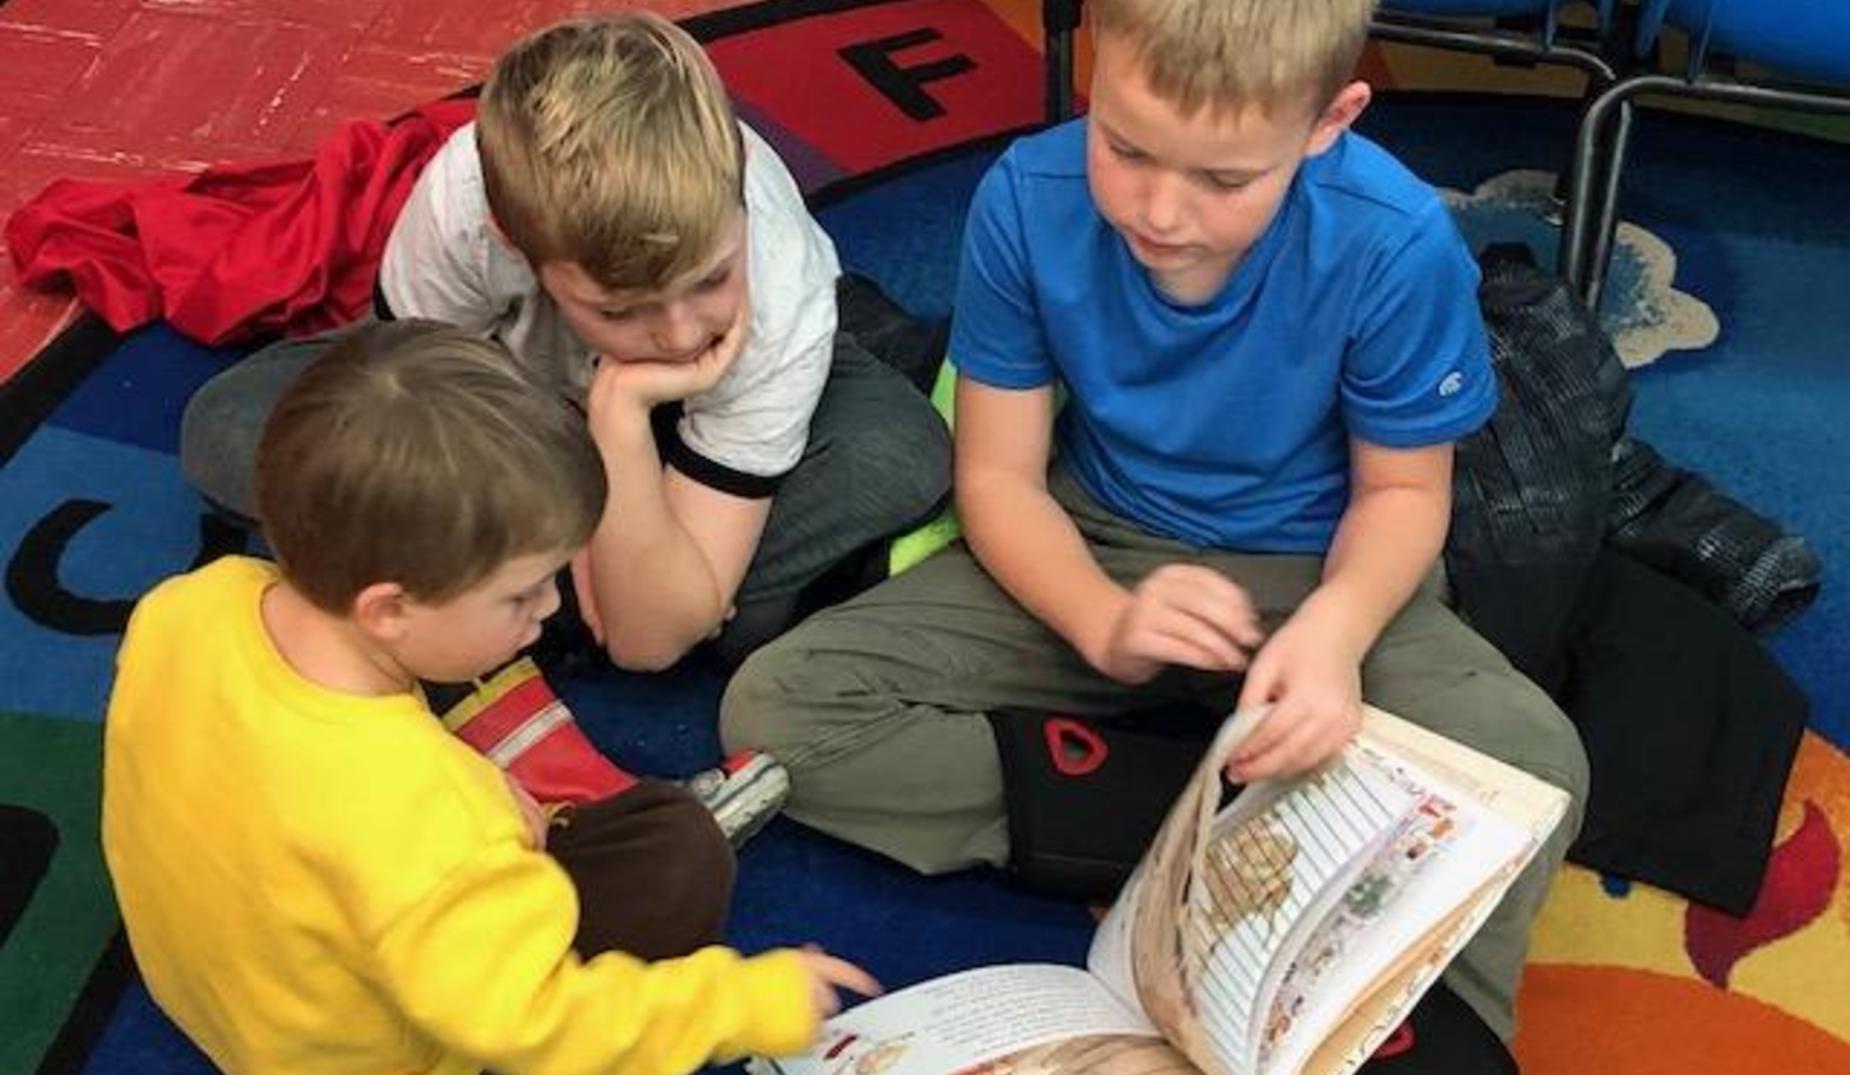 3rd grade reading to a preschooler